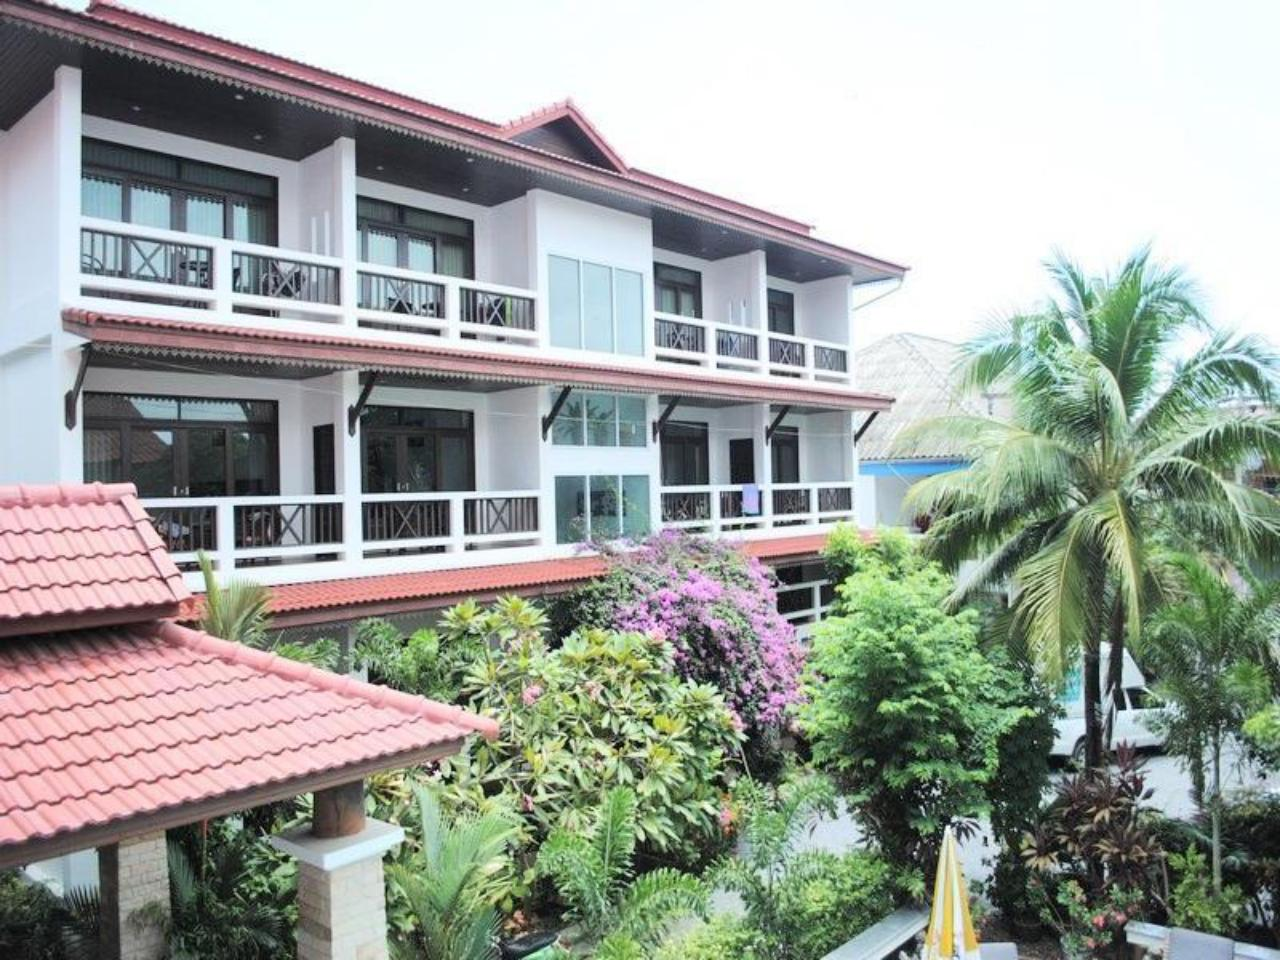 ละไม เพอเฟ็ค รีสอร์ท (Lamai Perfect Resort)